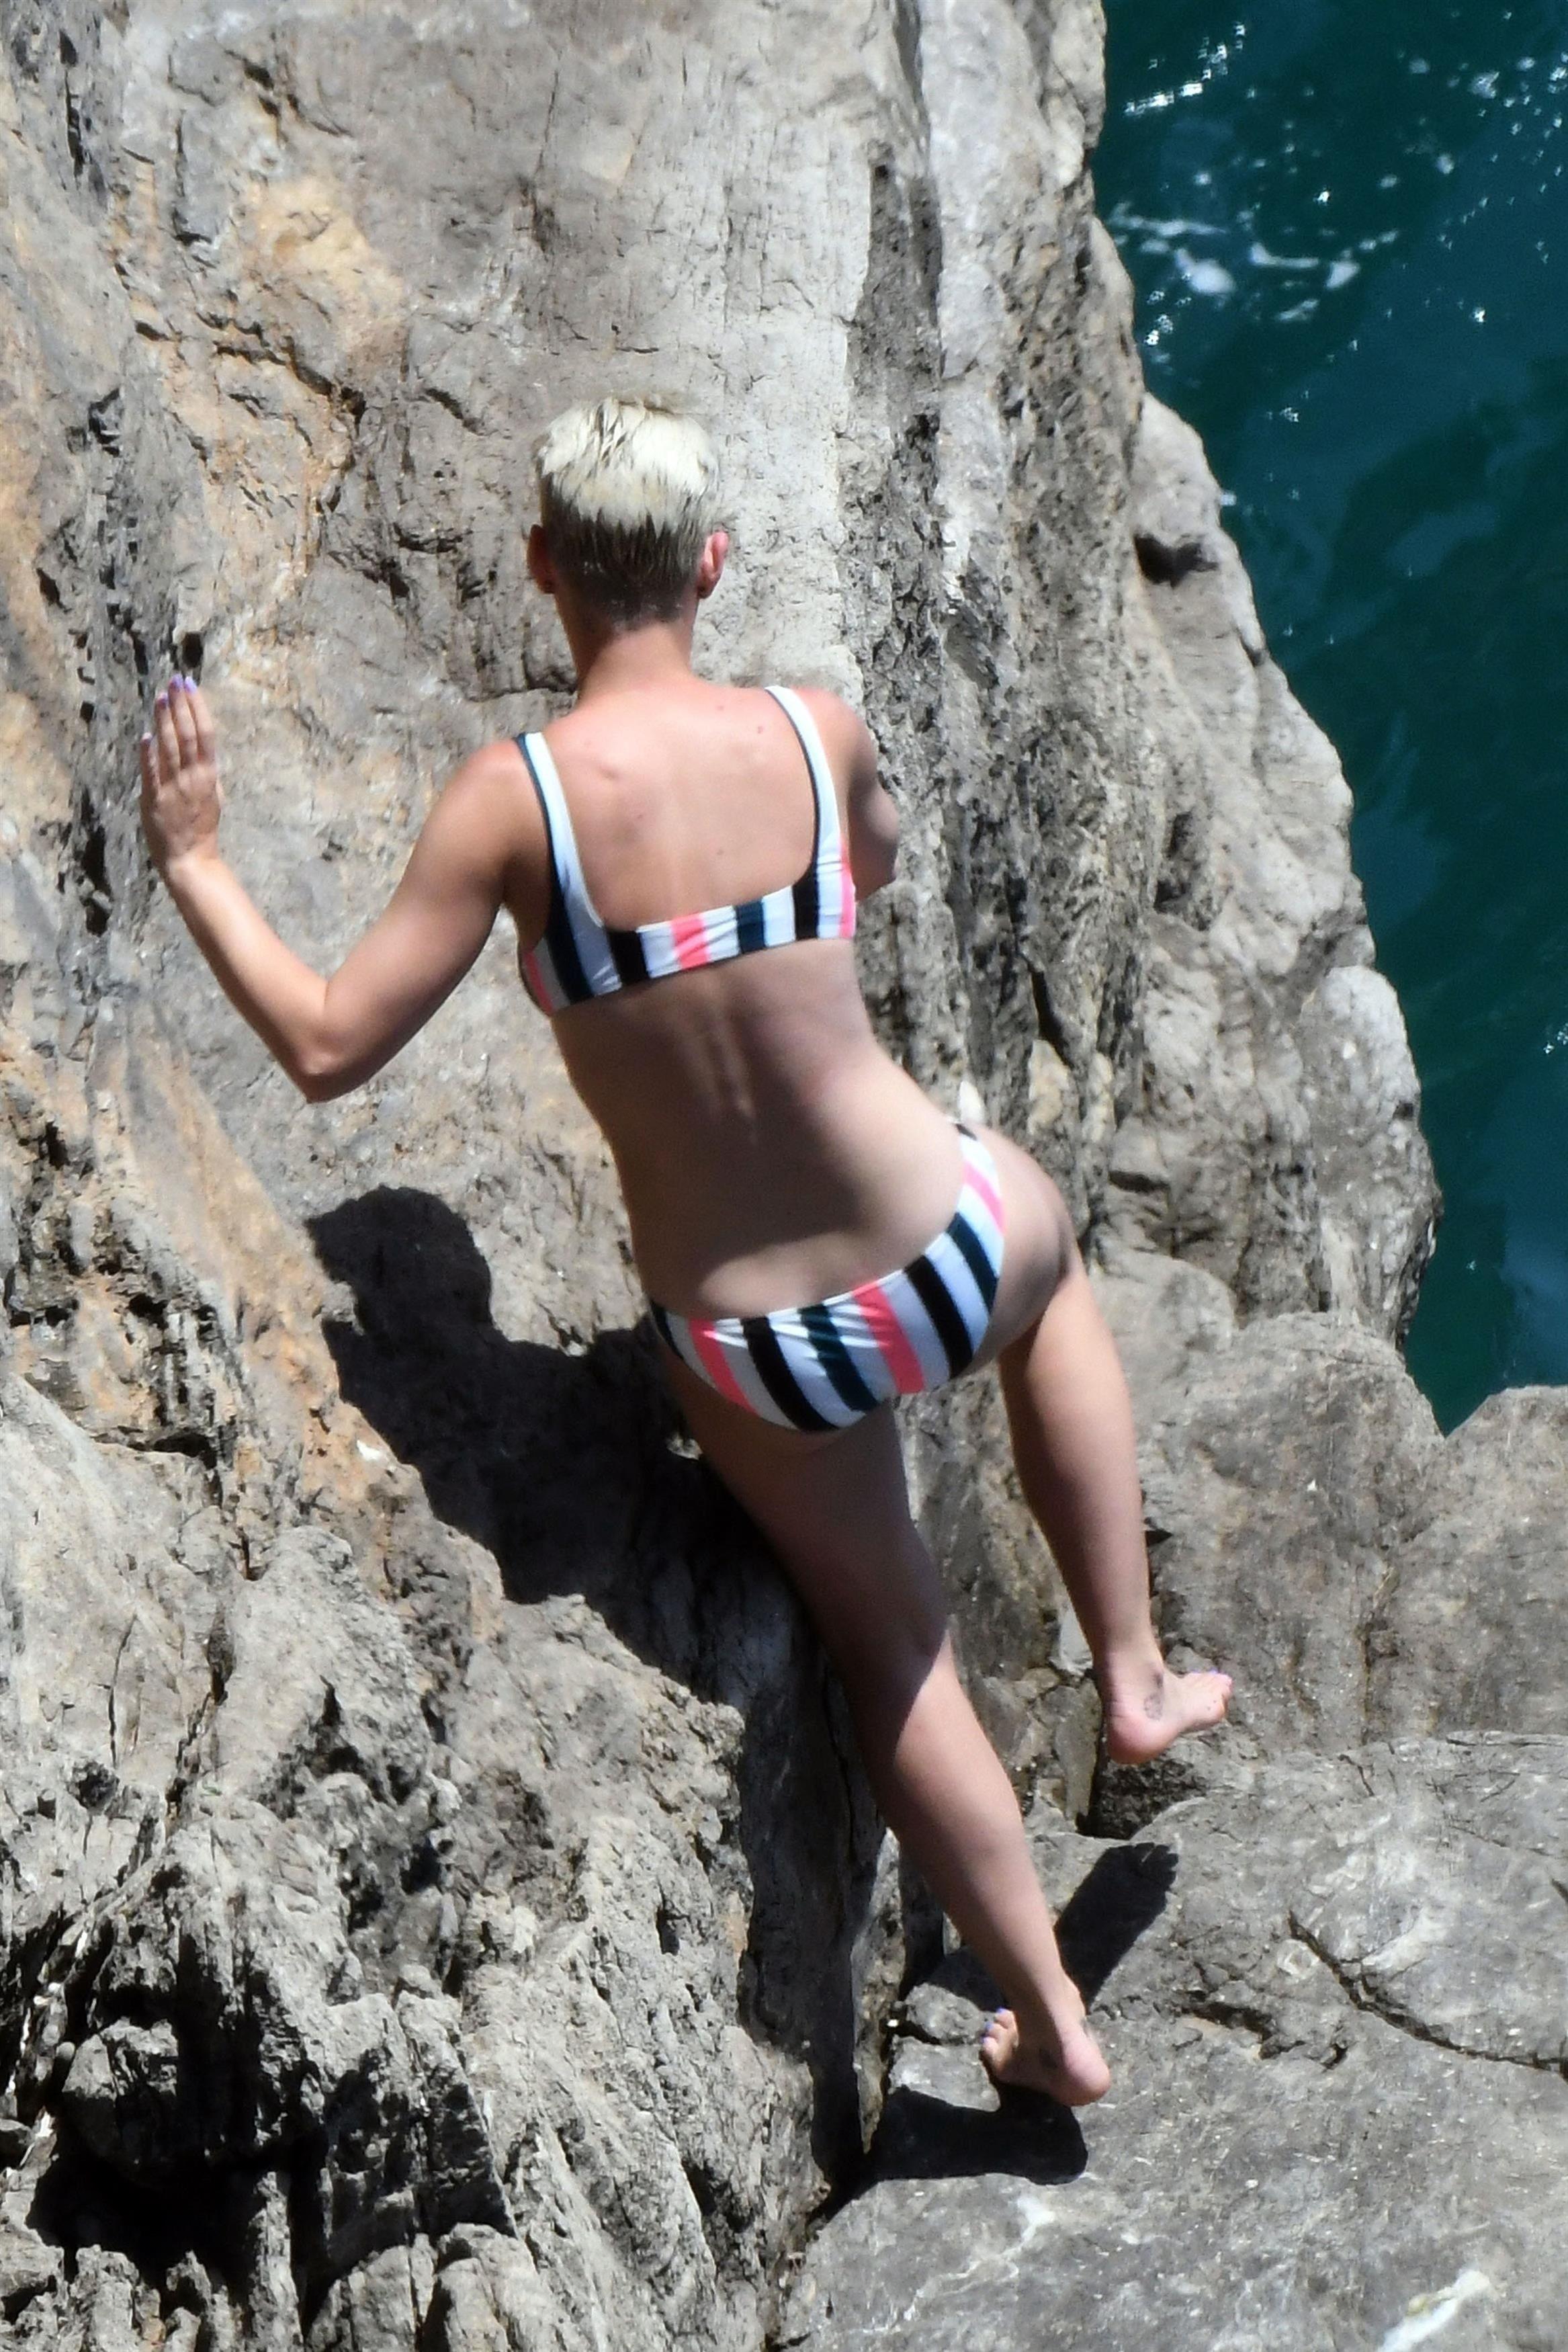 Güzel şarkıcı Katy Perry seksi bikinisi ile kameralar karşısında cesur pozlar verdi. Dünyanın en sexy kadınlarının HD resimleri bu sitede görüntülemek için tıklayın